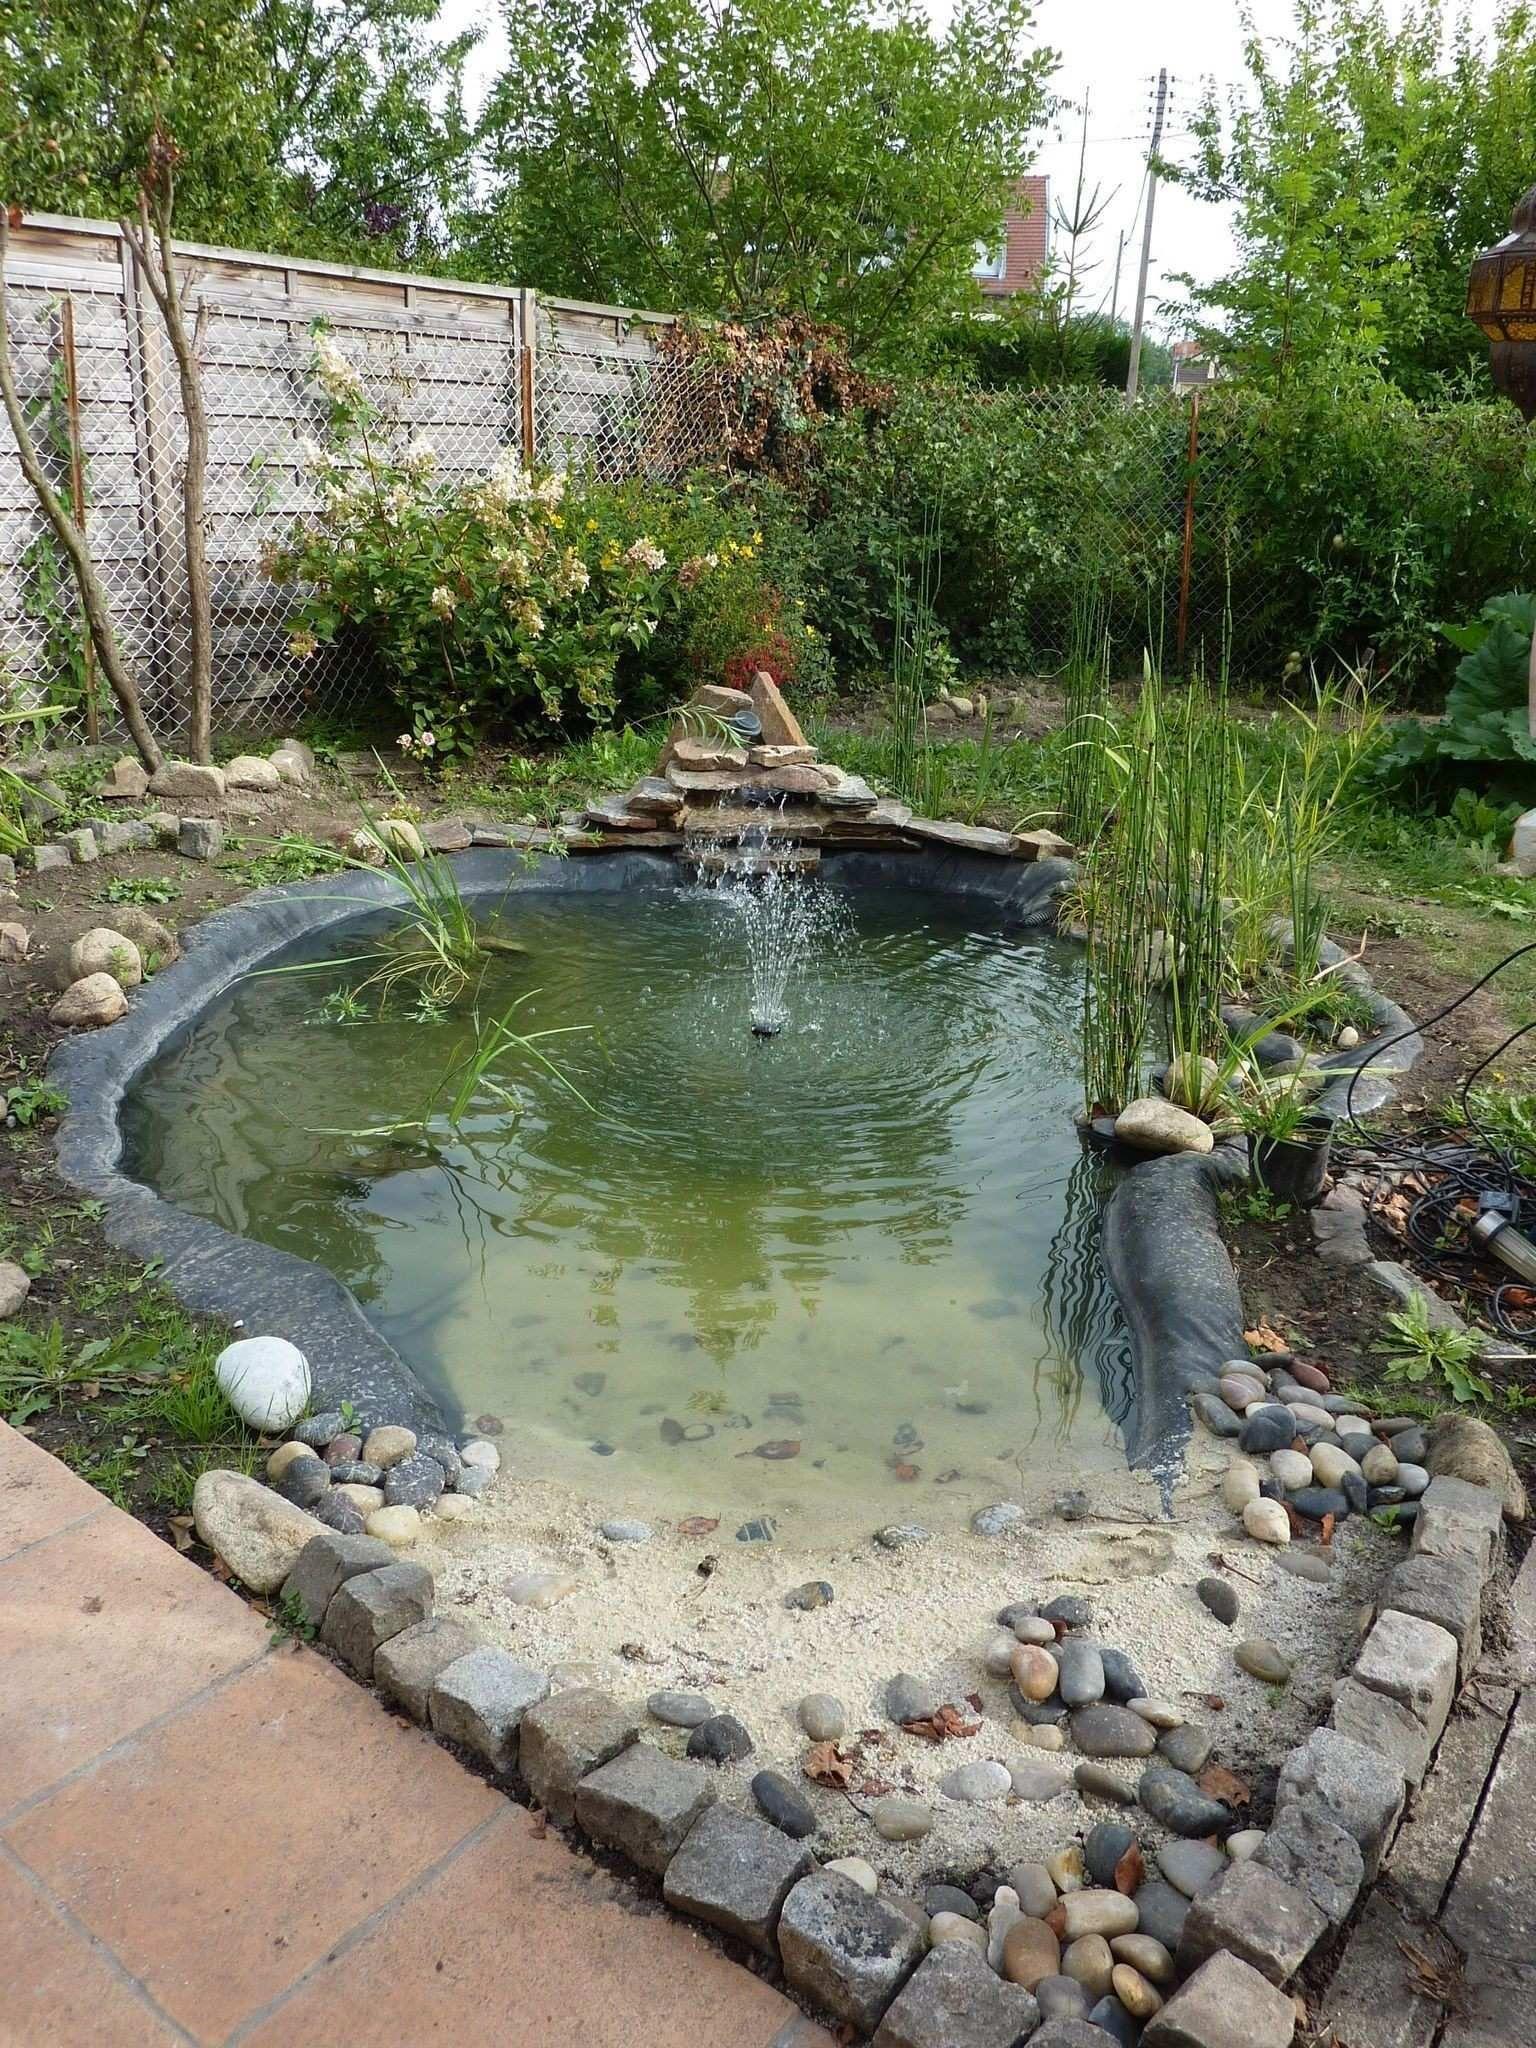 Bassin Fontaine De Jardin fontaine a eau jardin | bassin de jardin, jardin d'eau, jardins